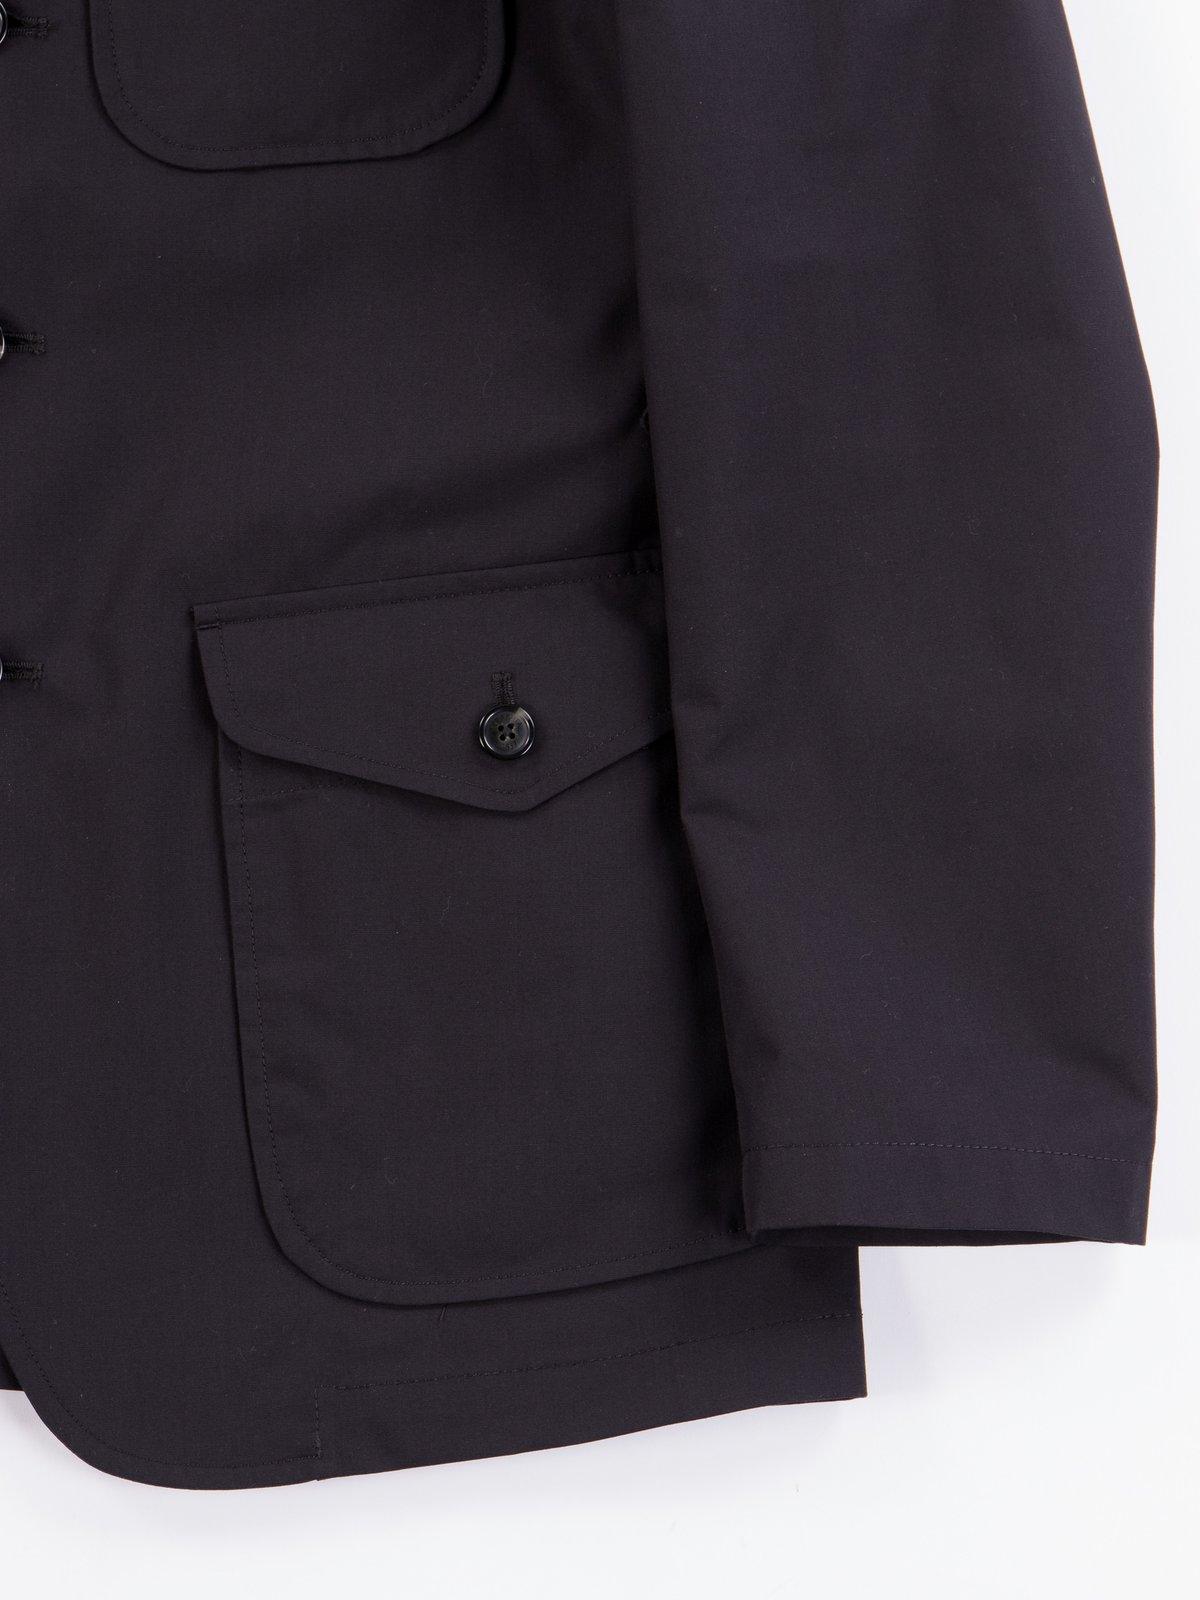 Black Structured EG Blazer - Image 5